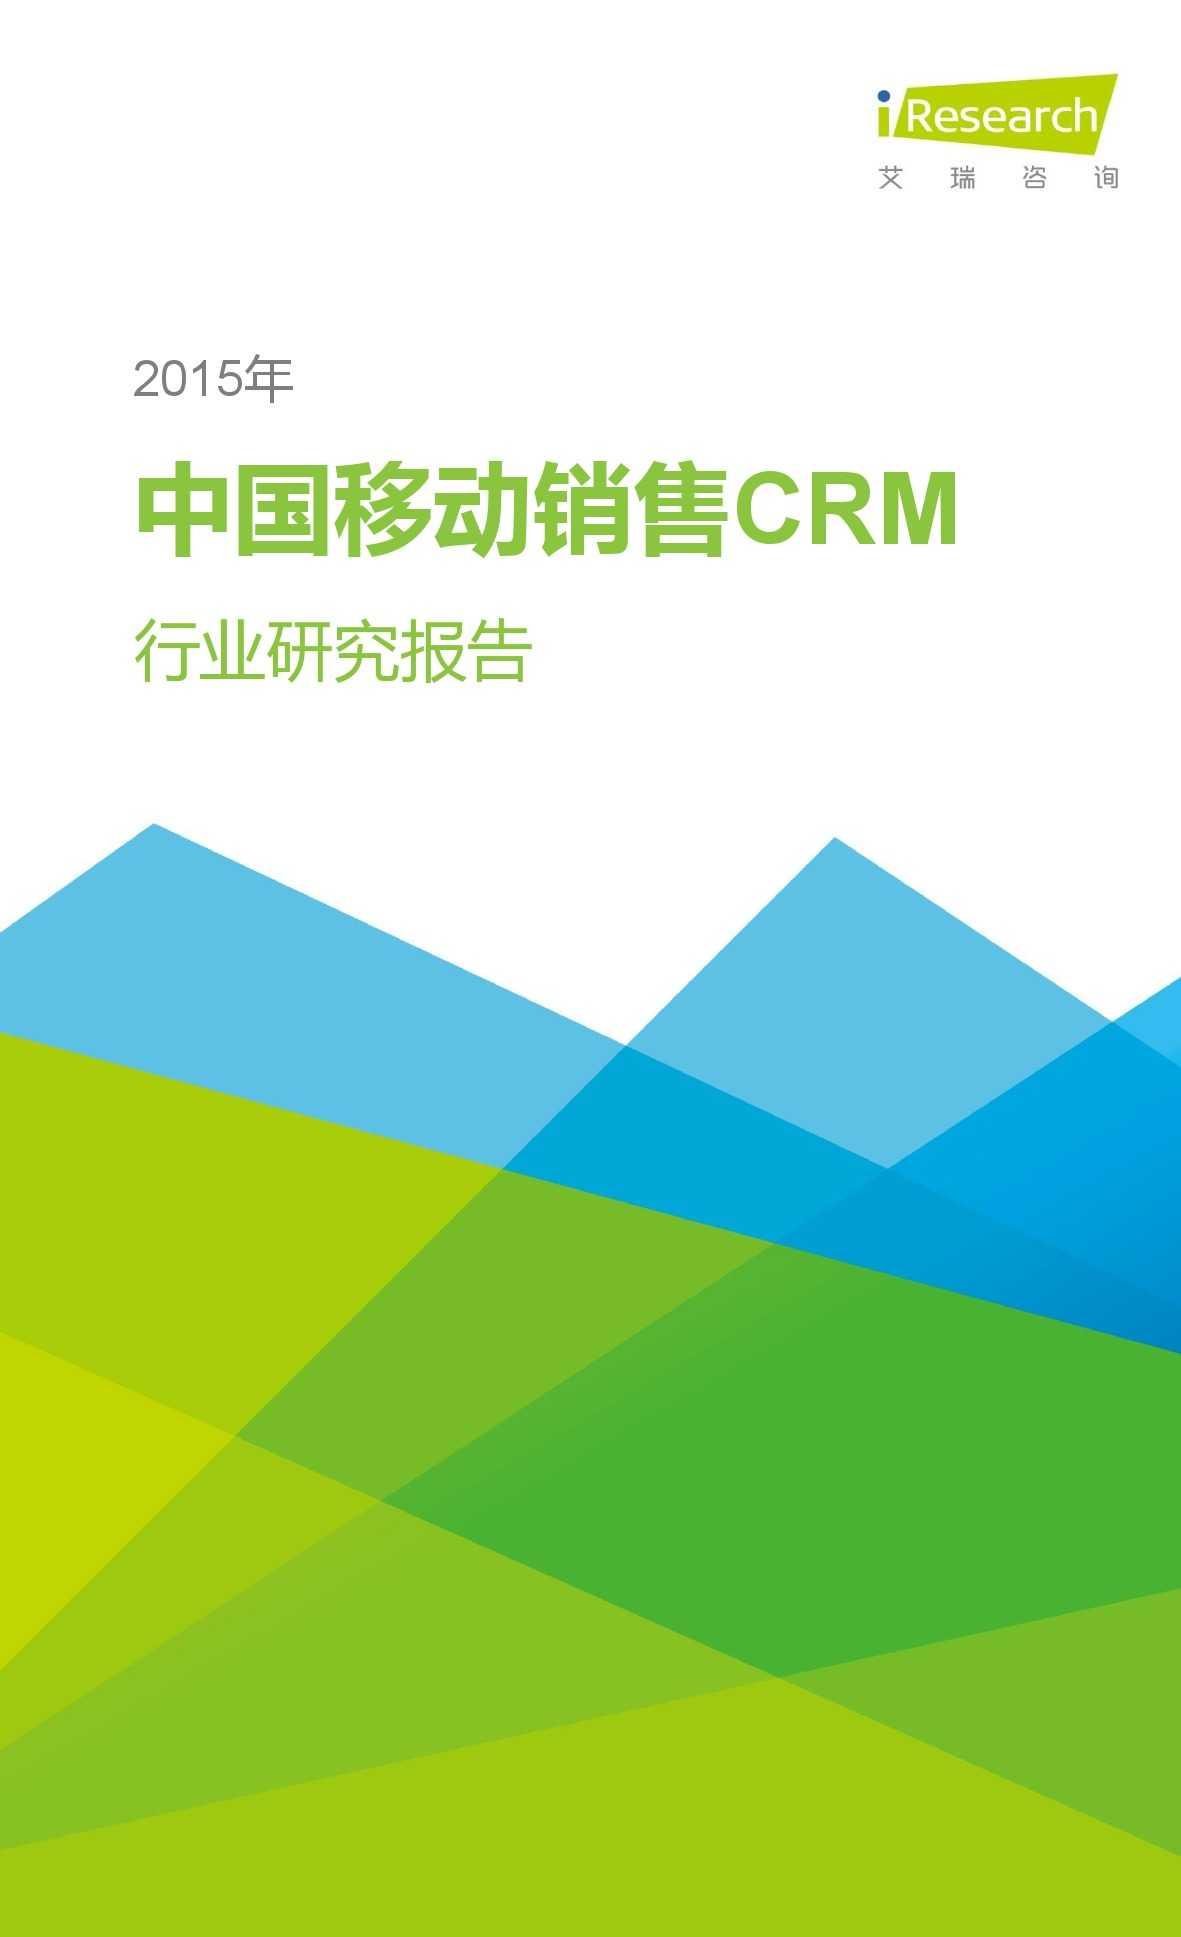 2015年中国移动销售CRM行业研究报告_000001